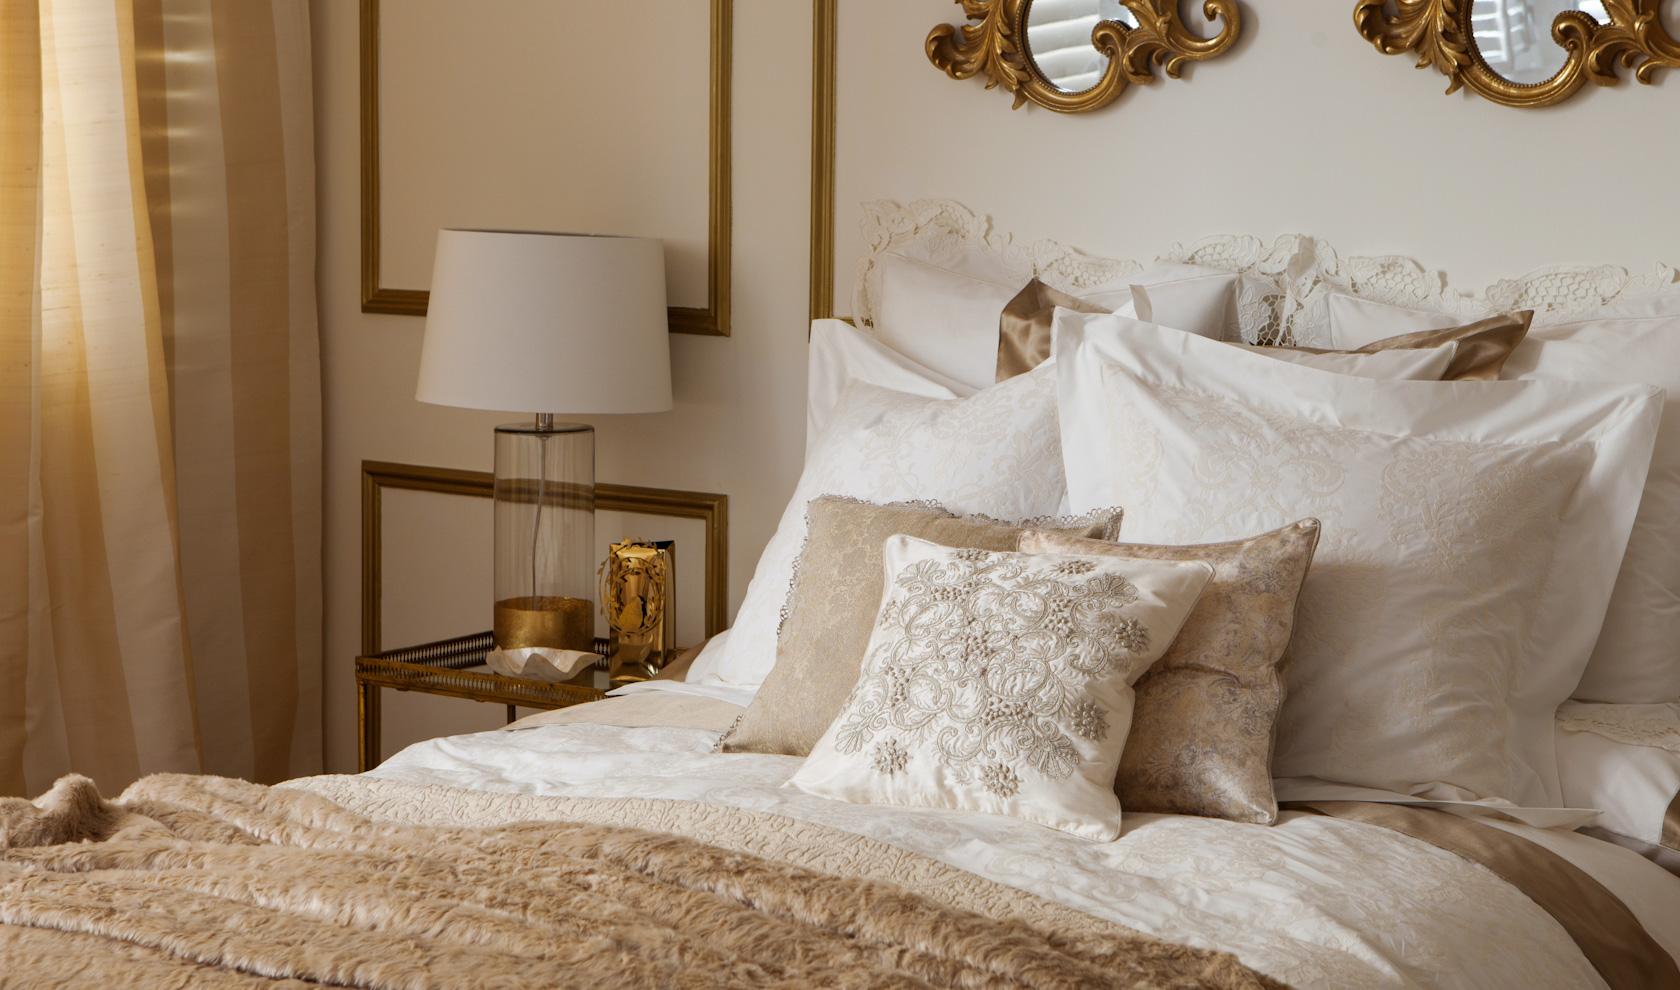 Viste tu cama para el invierno blog de dia for Colgadores de pared zara home